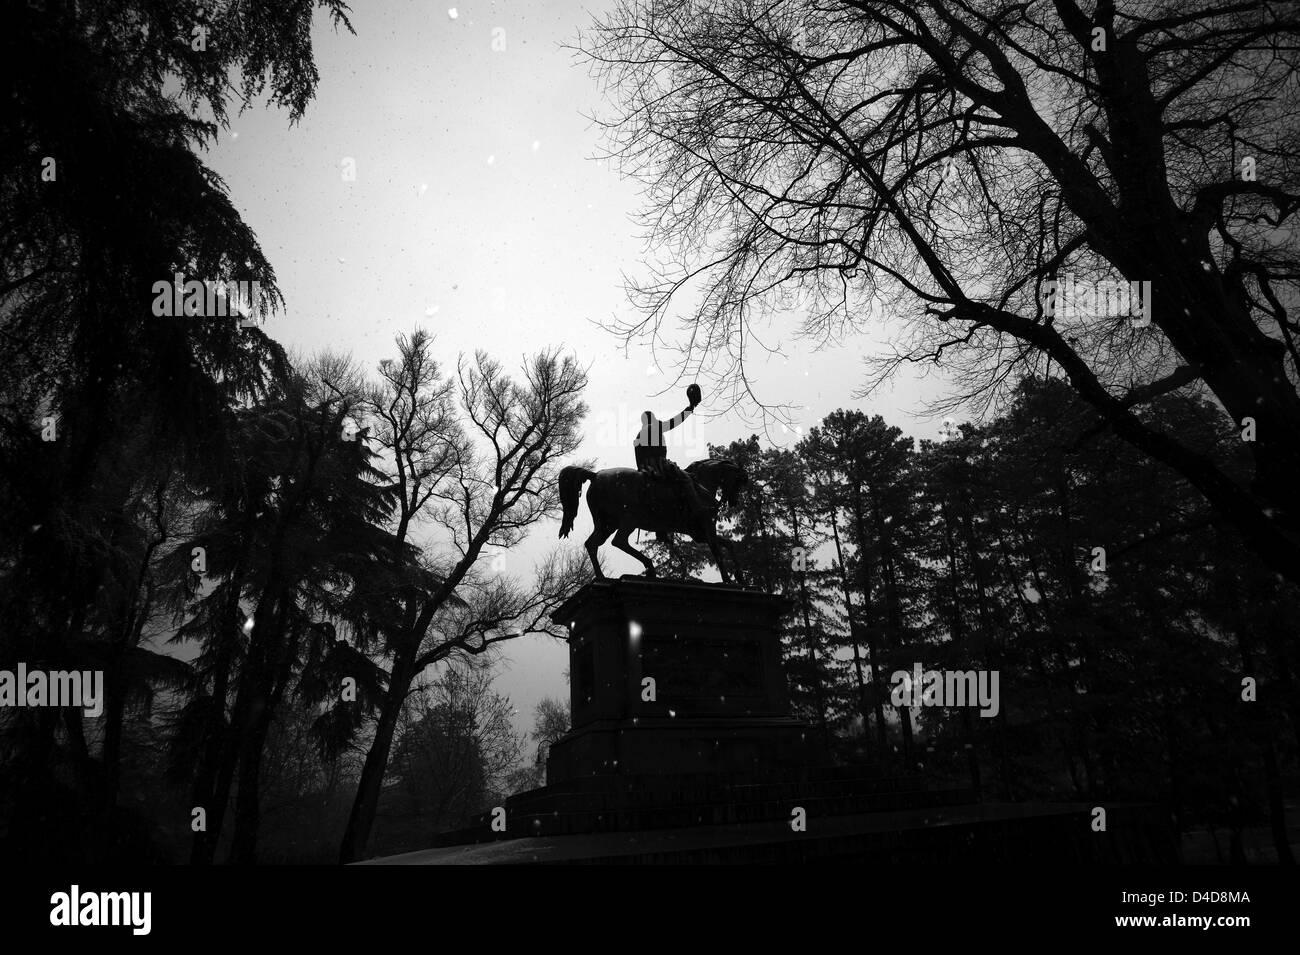 Milan. Le parc Sempione. Statue d'un homme à cheval Photo Stock